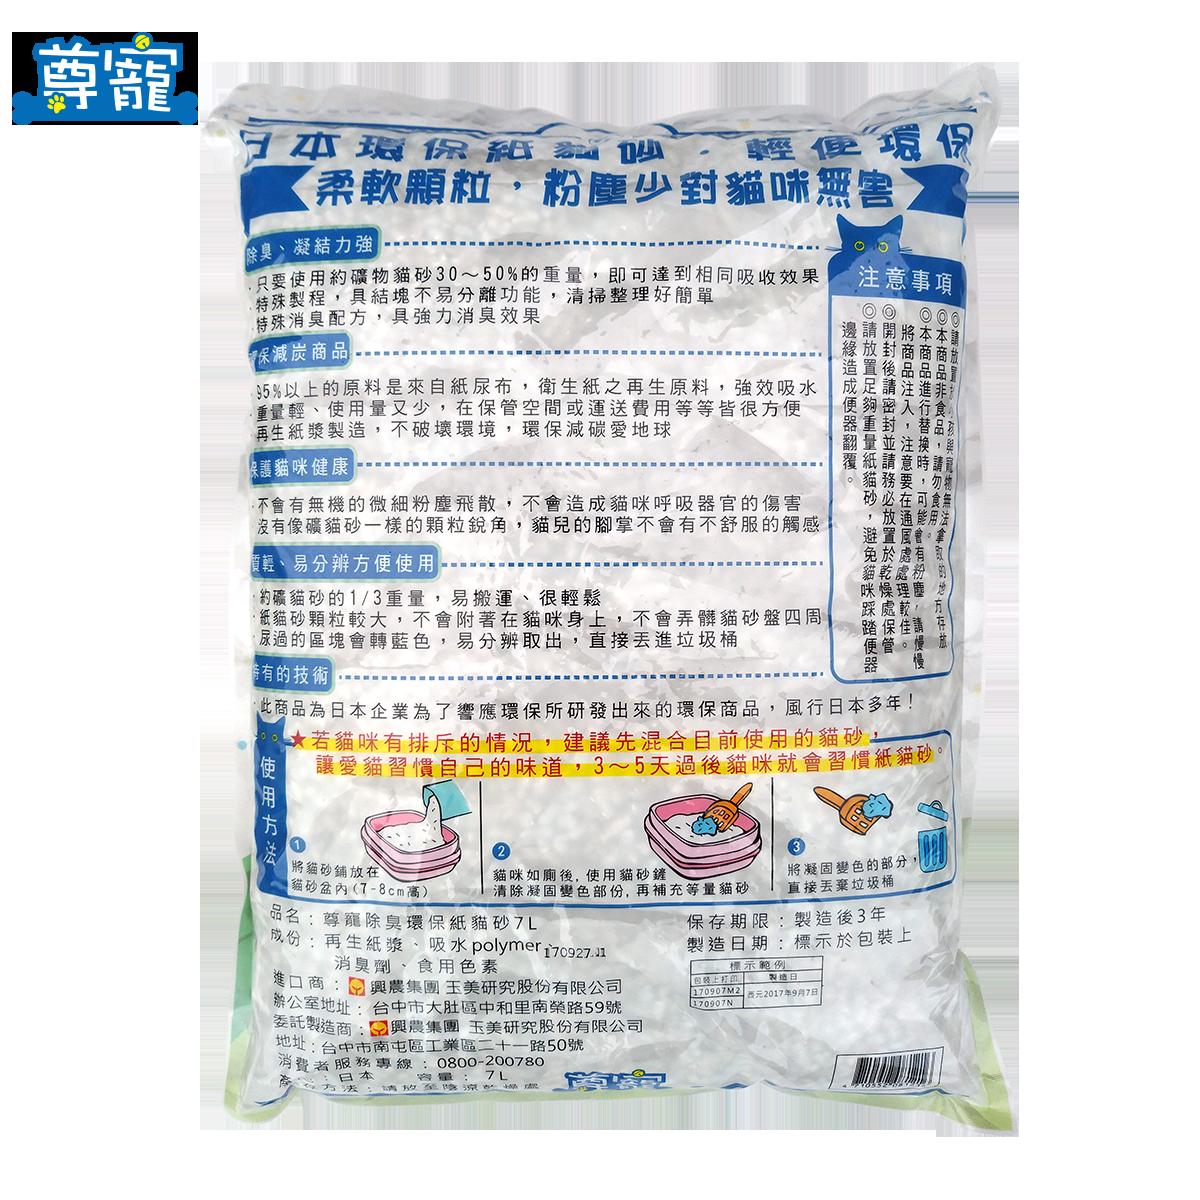 紙貓沙背面包裝